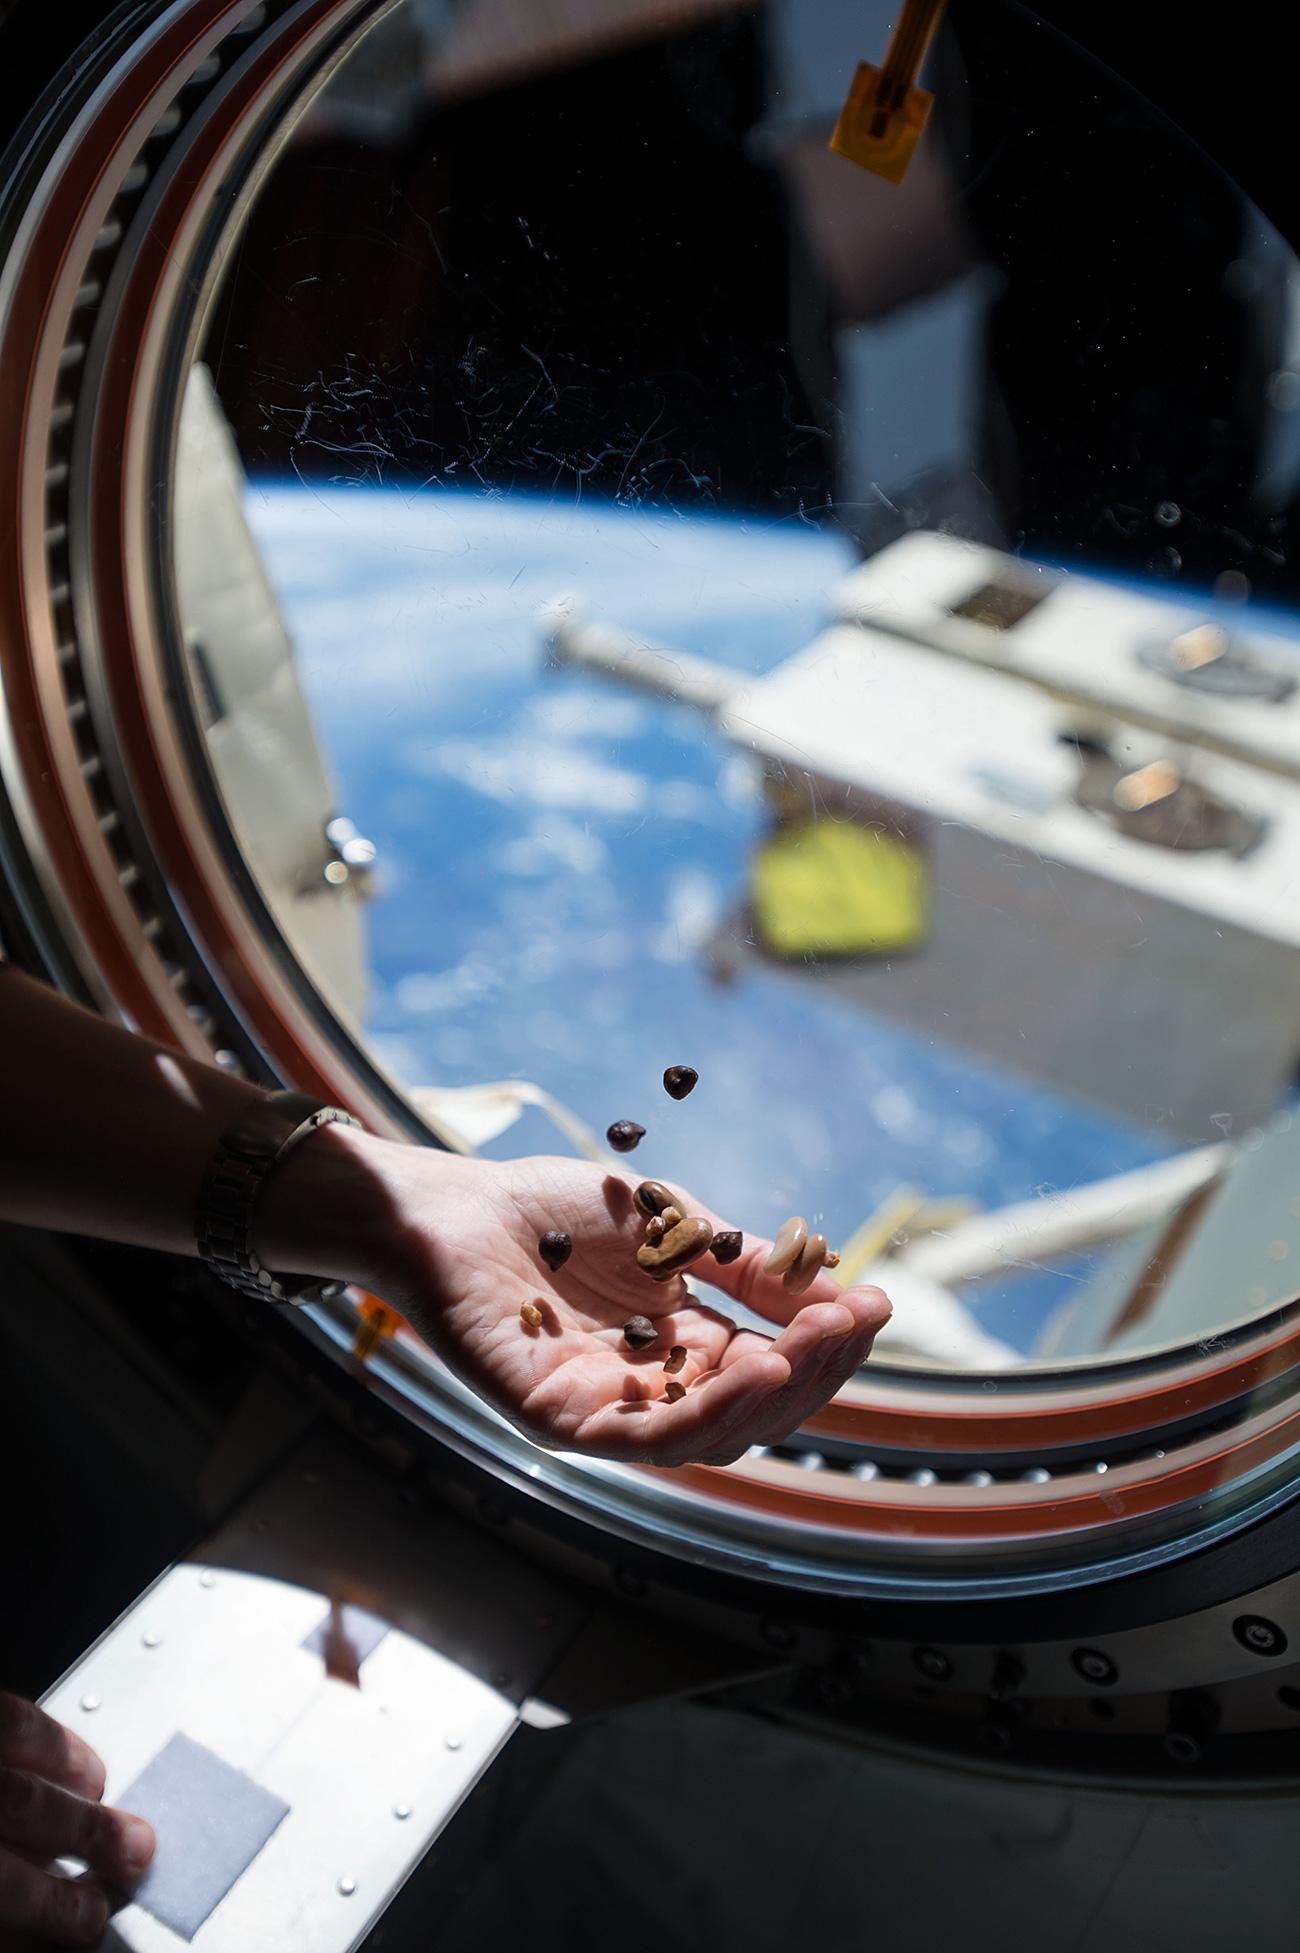 Astronauta se alimenta a bordo da ISS  (Foto: ZUMA Press/Global Look Pressione)